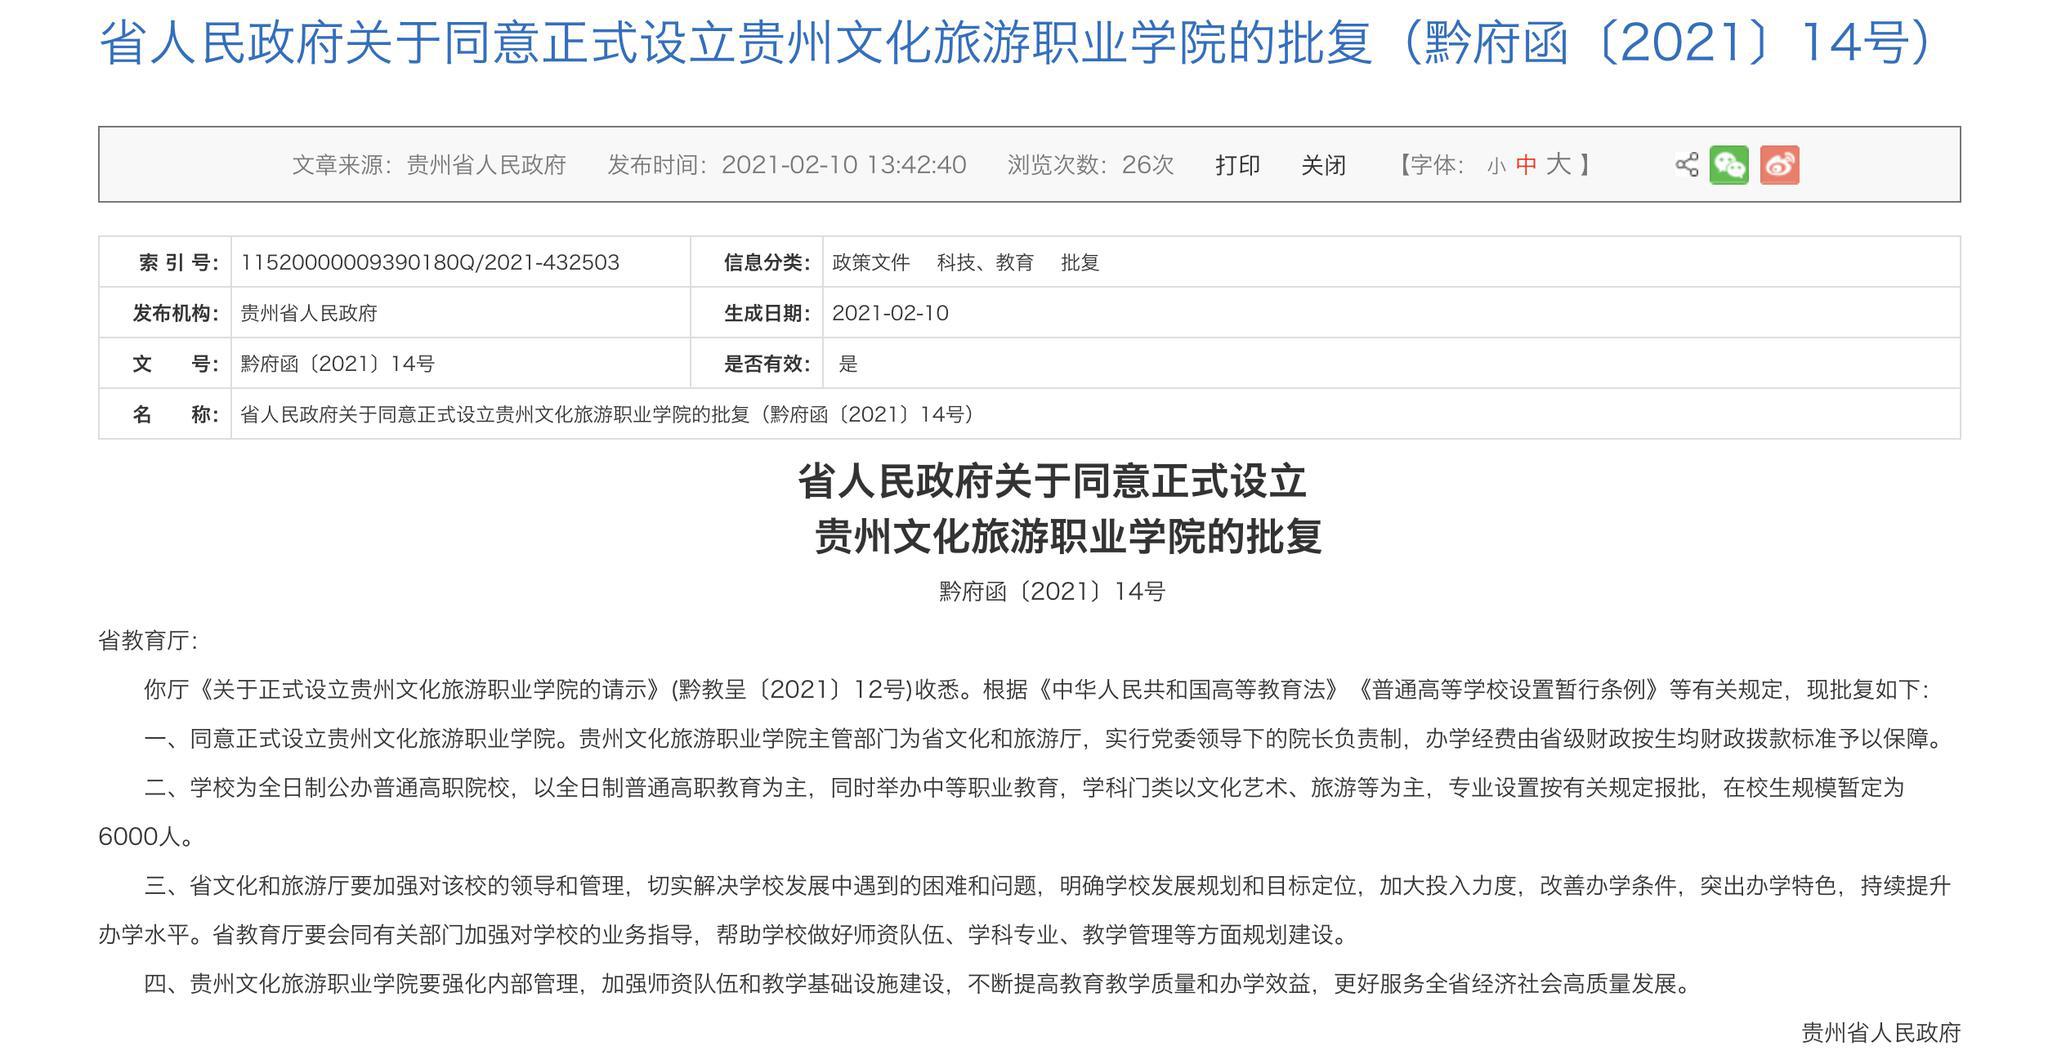 贵州将新添一所文旅职业学院:在校生暂定六千人,今年招生图片